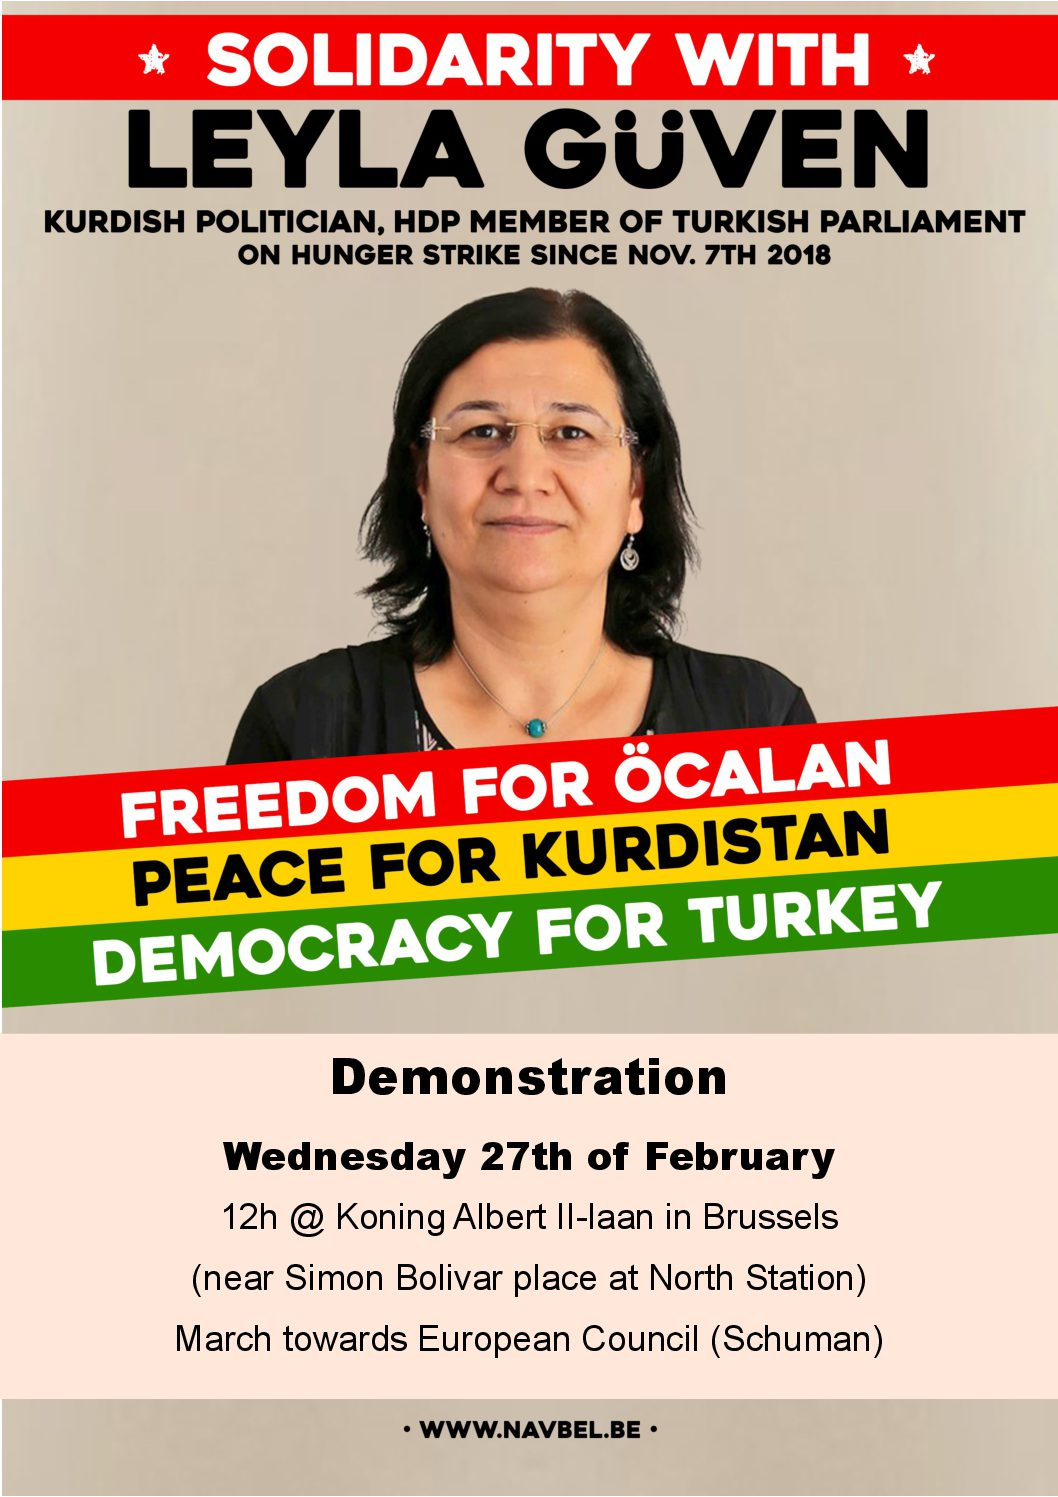 27/02/2019 Solidariteitsactie voor Leyla Güven